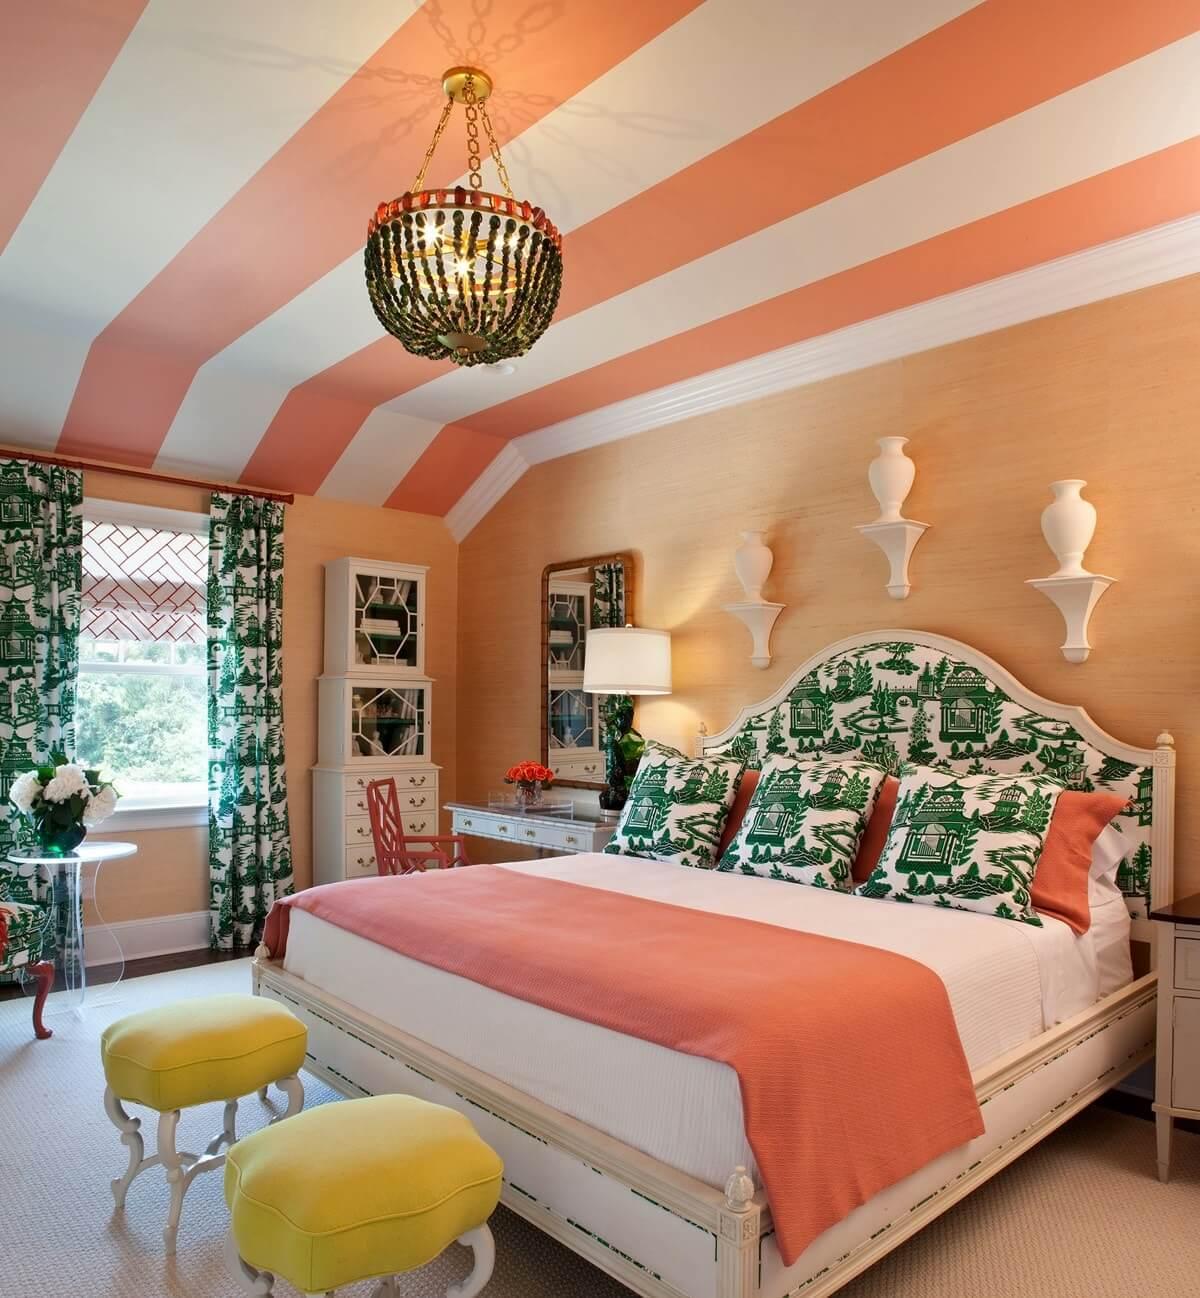 персиковый в сочетании с другими цветами в интерьере